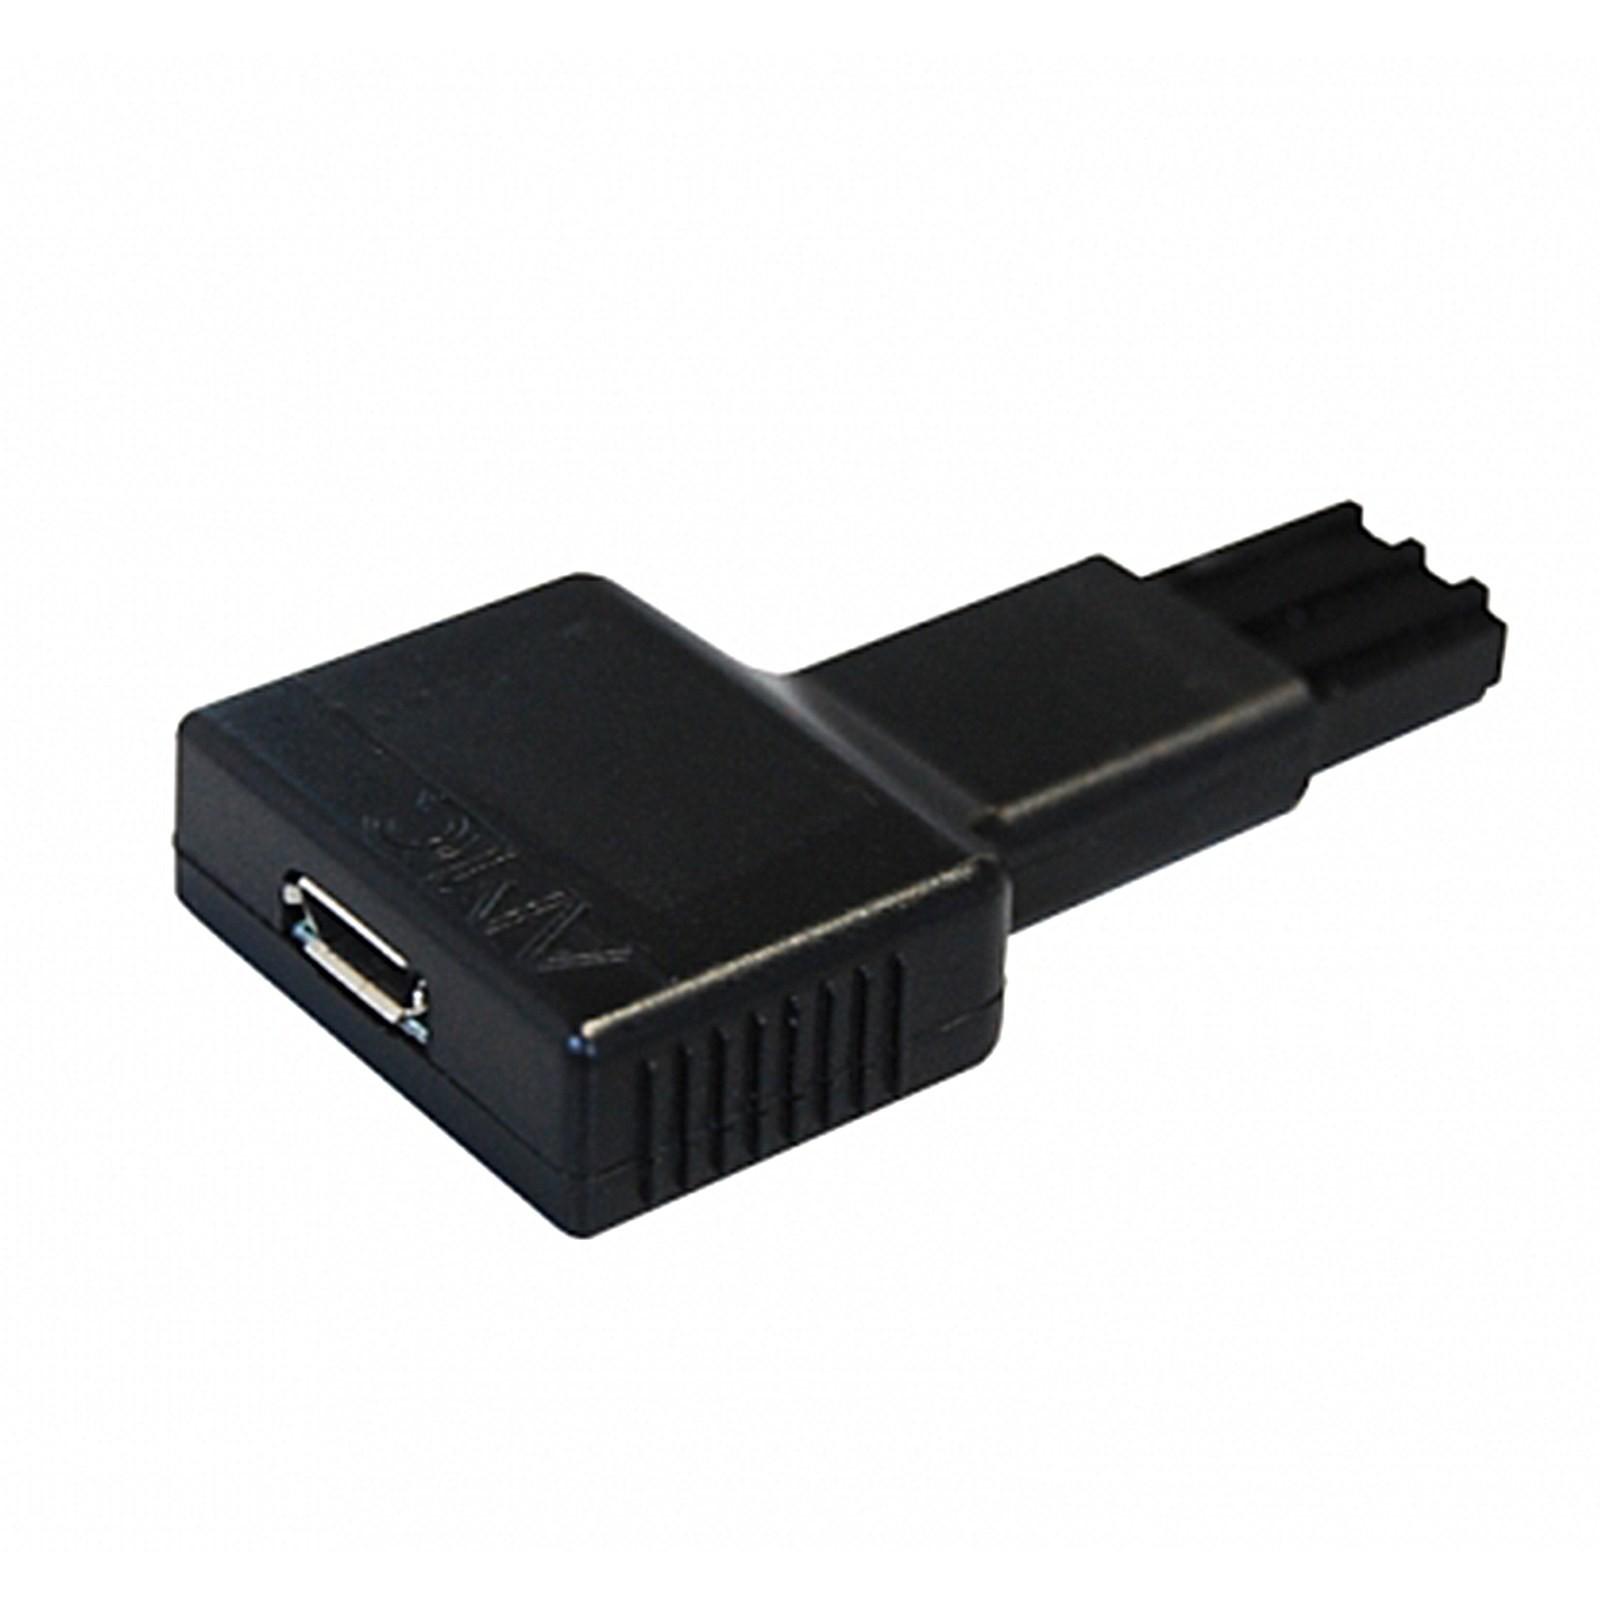 Adattatore COM - USB Interfaccia Programmazione Centrale Allarme AMC ELETTRONICA